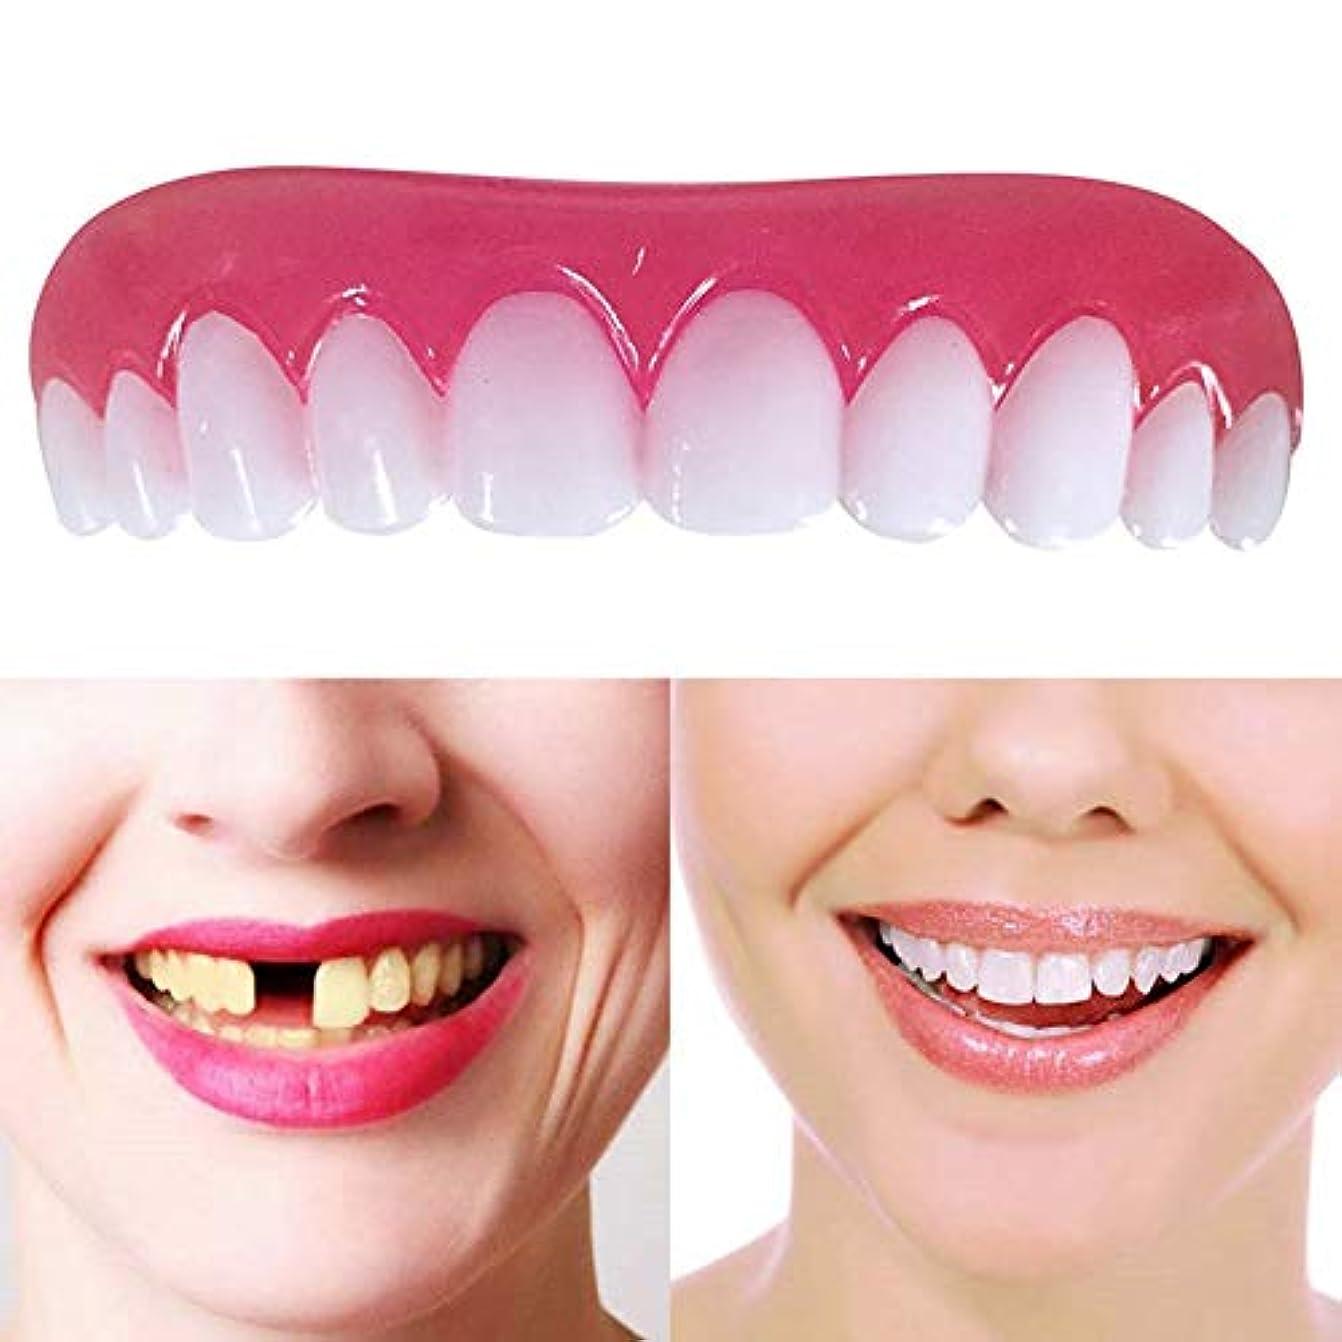 否定するきちんとした合わせて2枚の義歯の上、Flexの化粧品のための適した美しい即刻の歯科ベニヤの笑顔の慰めの歯科入れ歯の歯の上の化粧のベニヤ